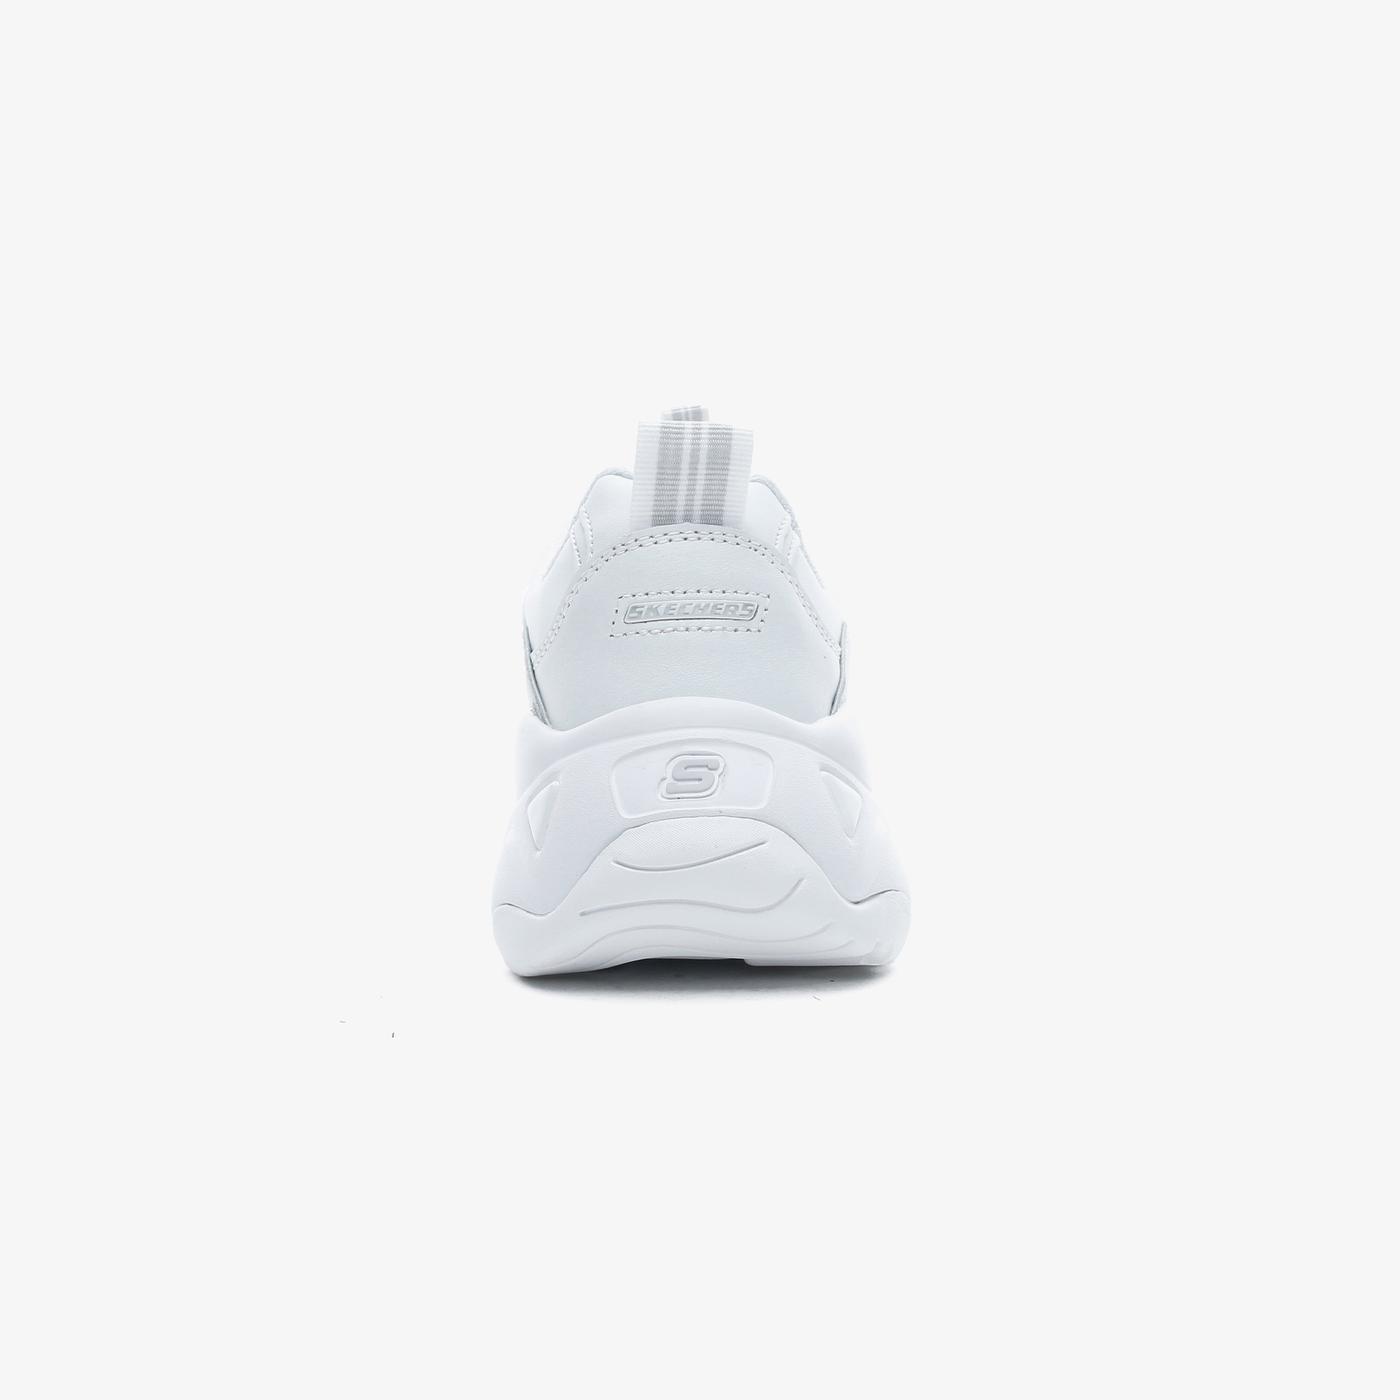 Skechers D'Lites 3.0-Proven Force Kadın Beyaz Spor Ayakkabı